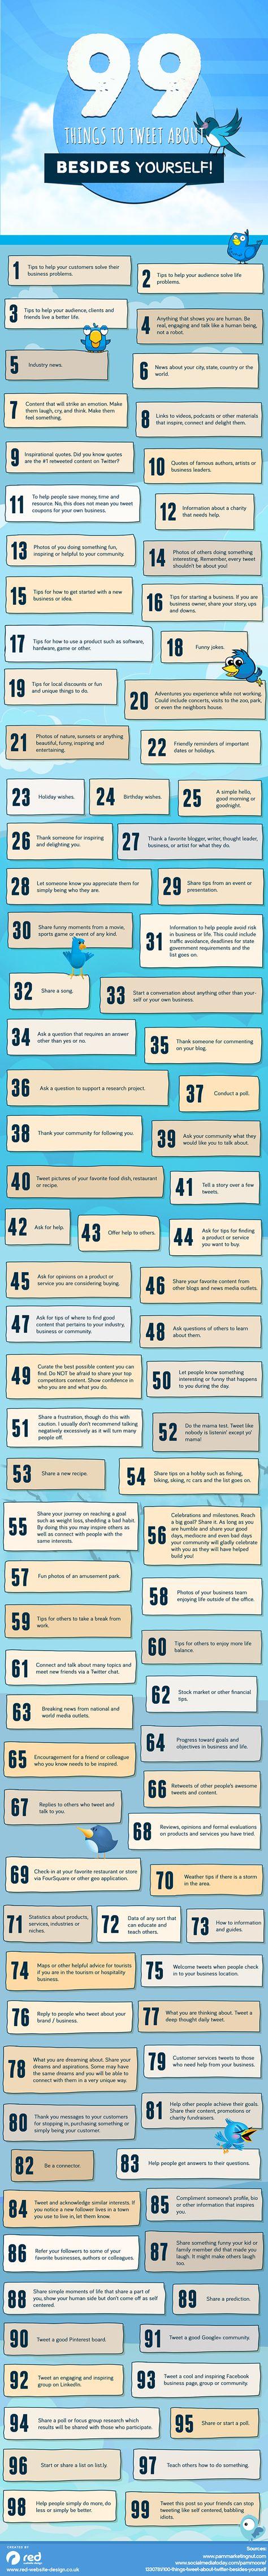 Comentamos una infografía que ofrece 99 ideas sobre contenidos para difundir en Twitter; algunas de ellas aplicables a la empresa